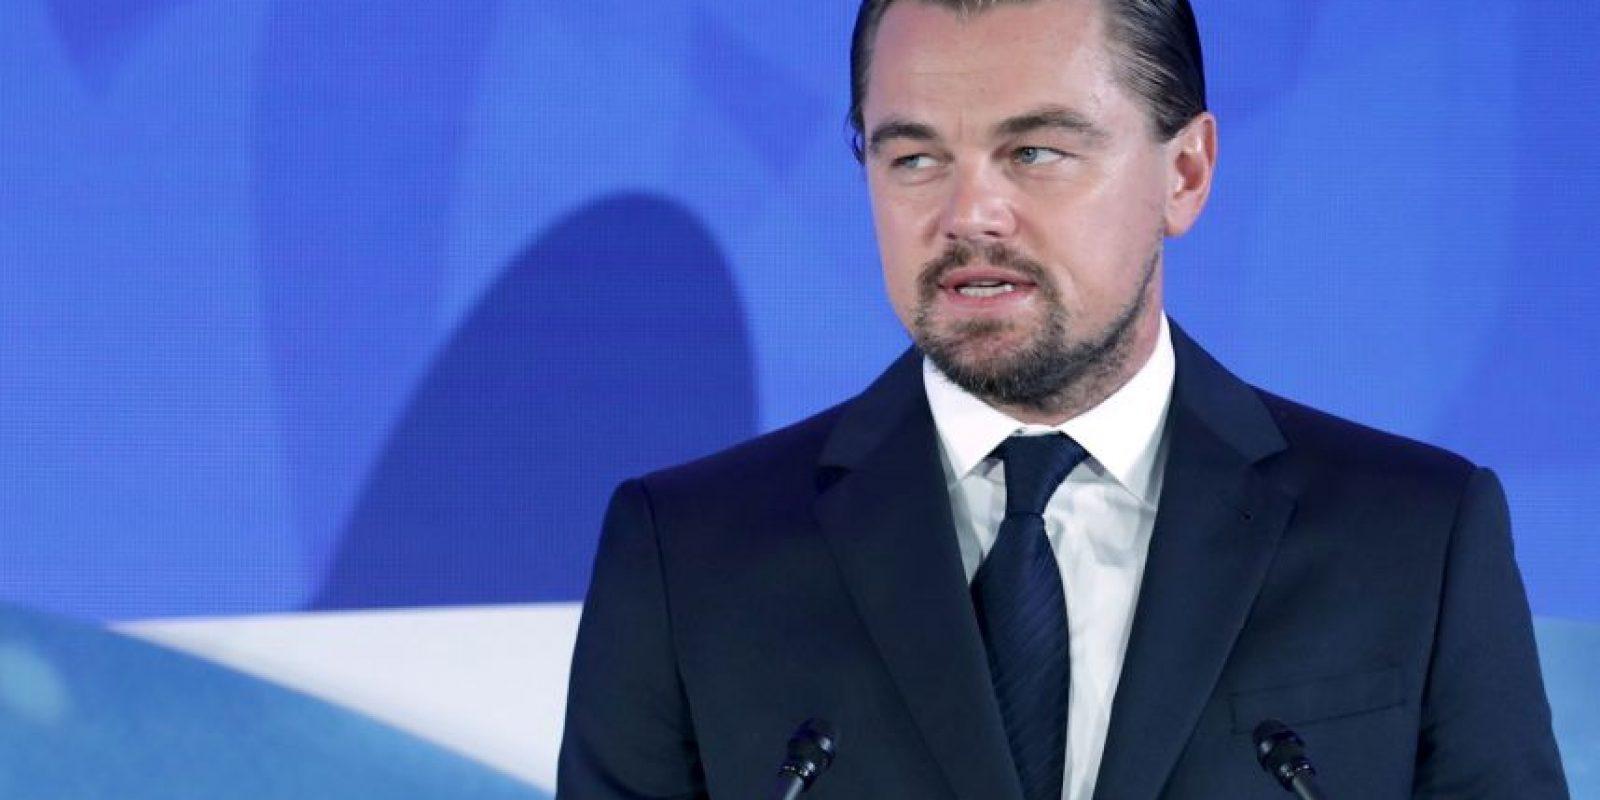 El actor no ha reaccionado hasta el momento Foto:Getty Images